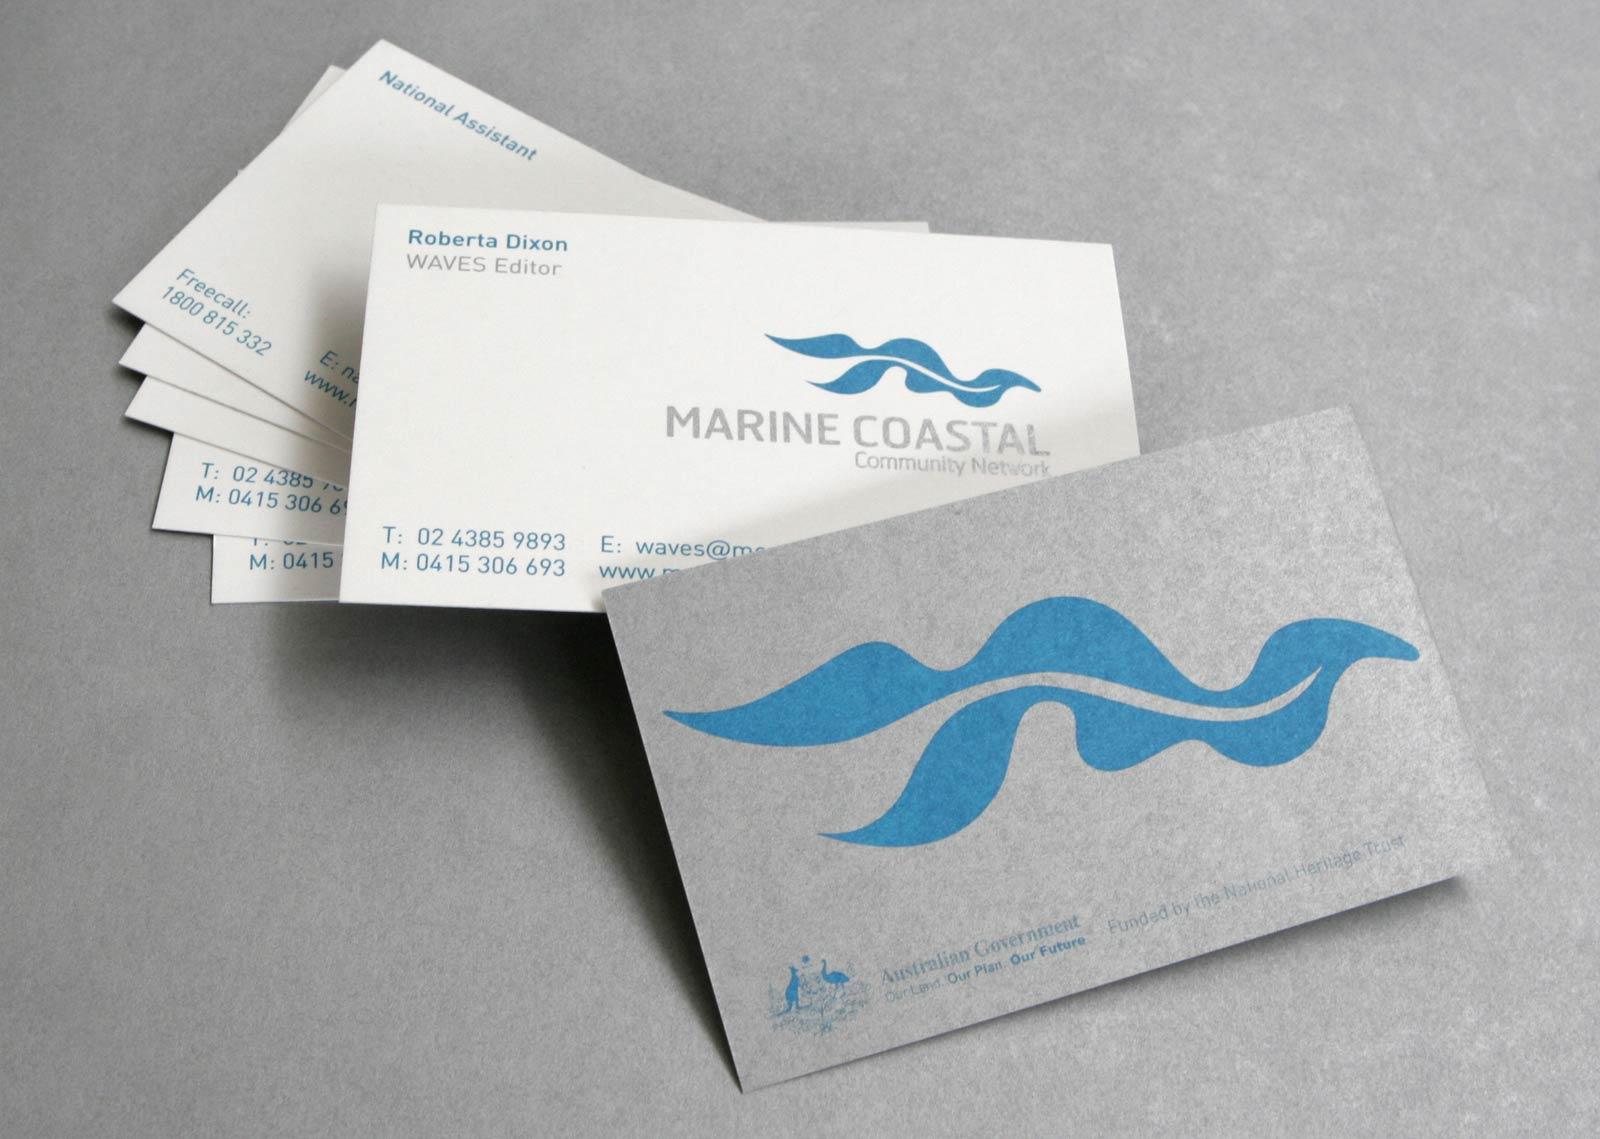 Marine Coastal Community Network